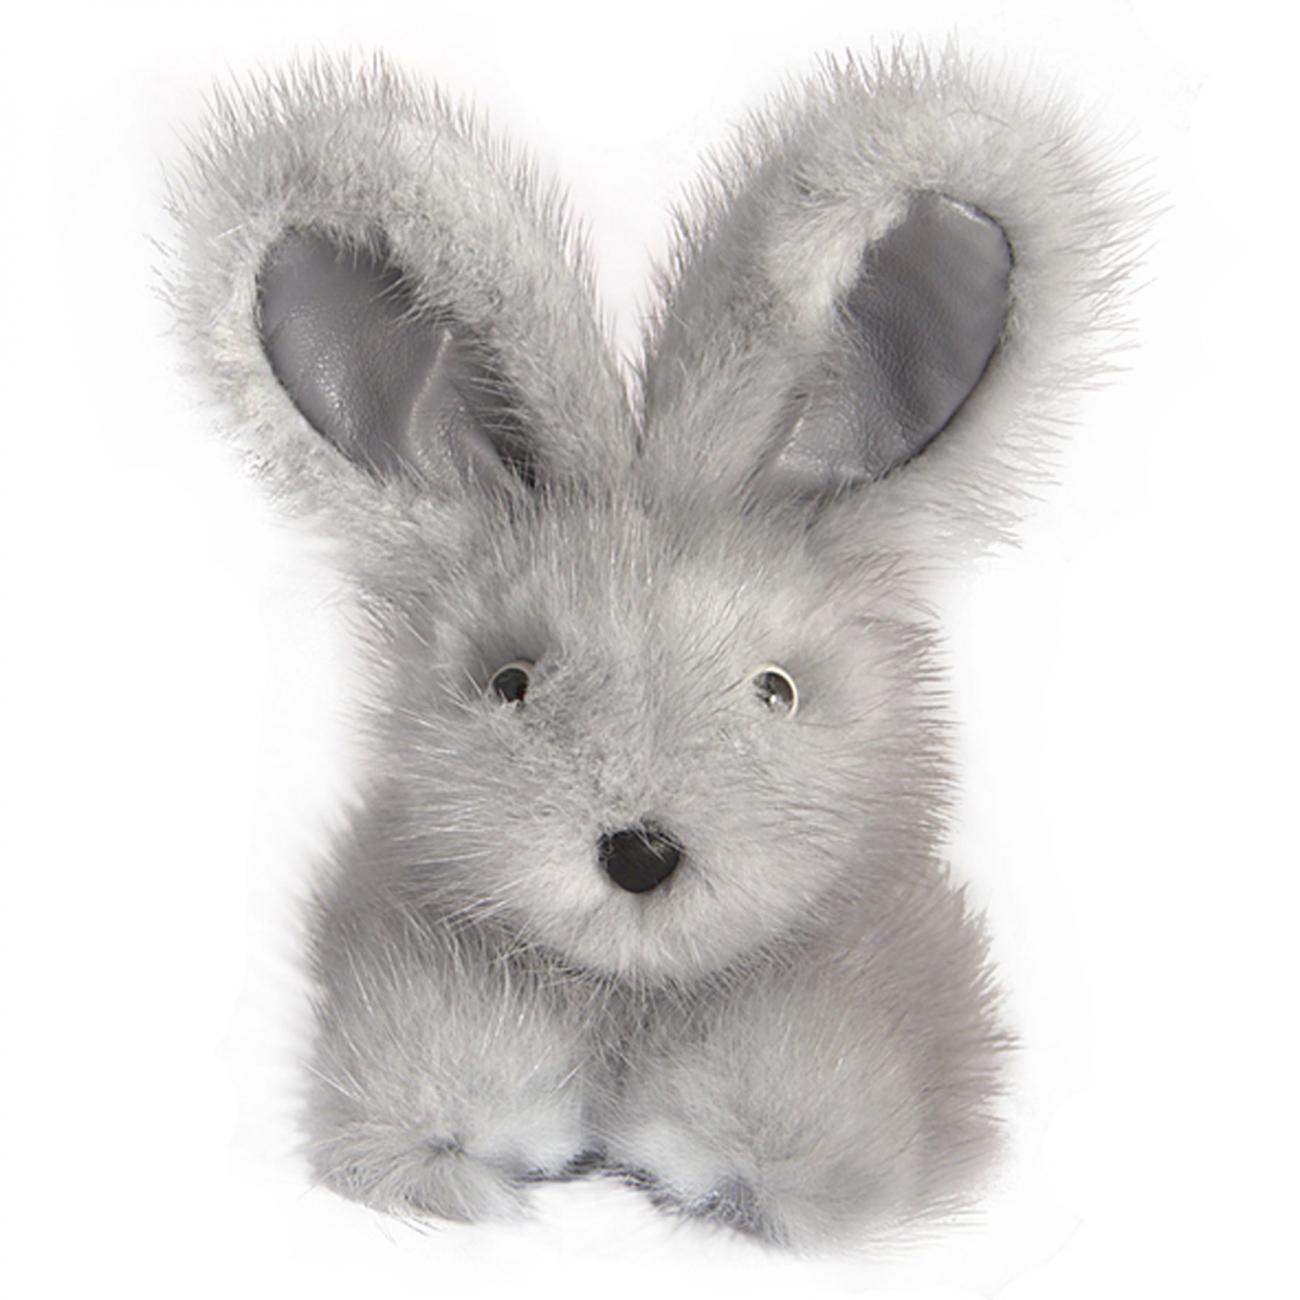 Купить Игрушка Зайчик (серый) натуральный мех норки в интернет магазине дизайнерской мебели и аксессуаров для дома и дачи